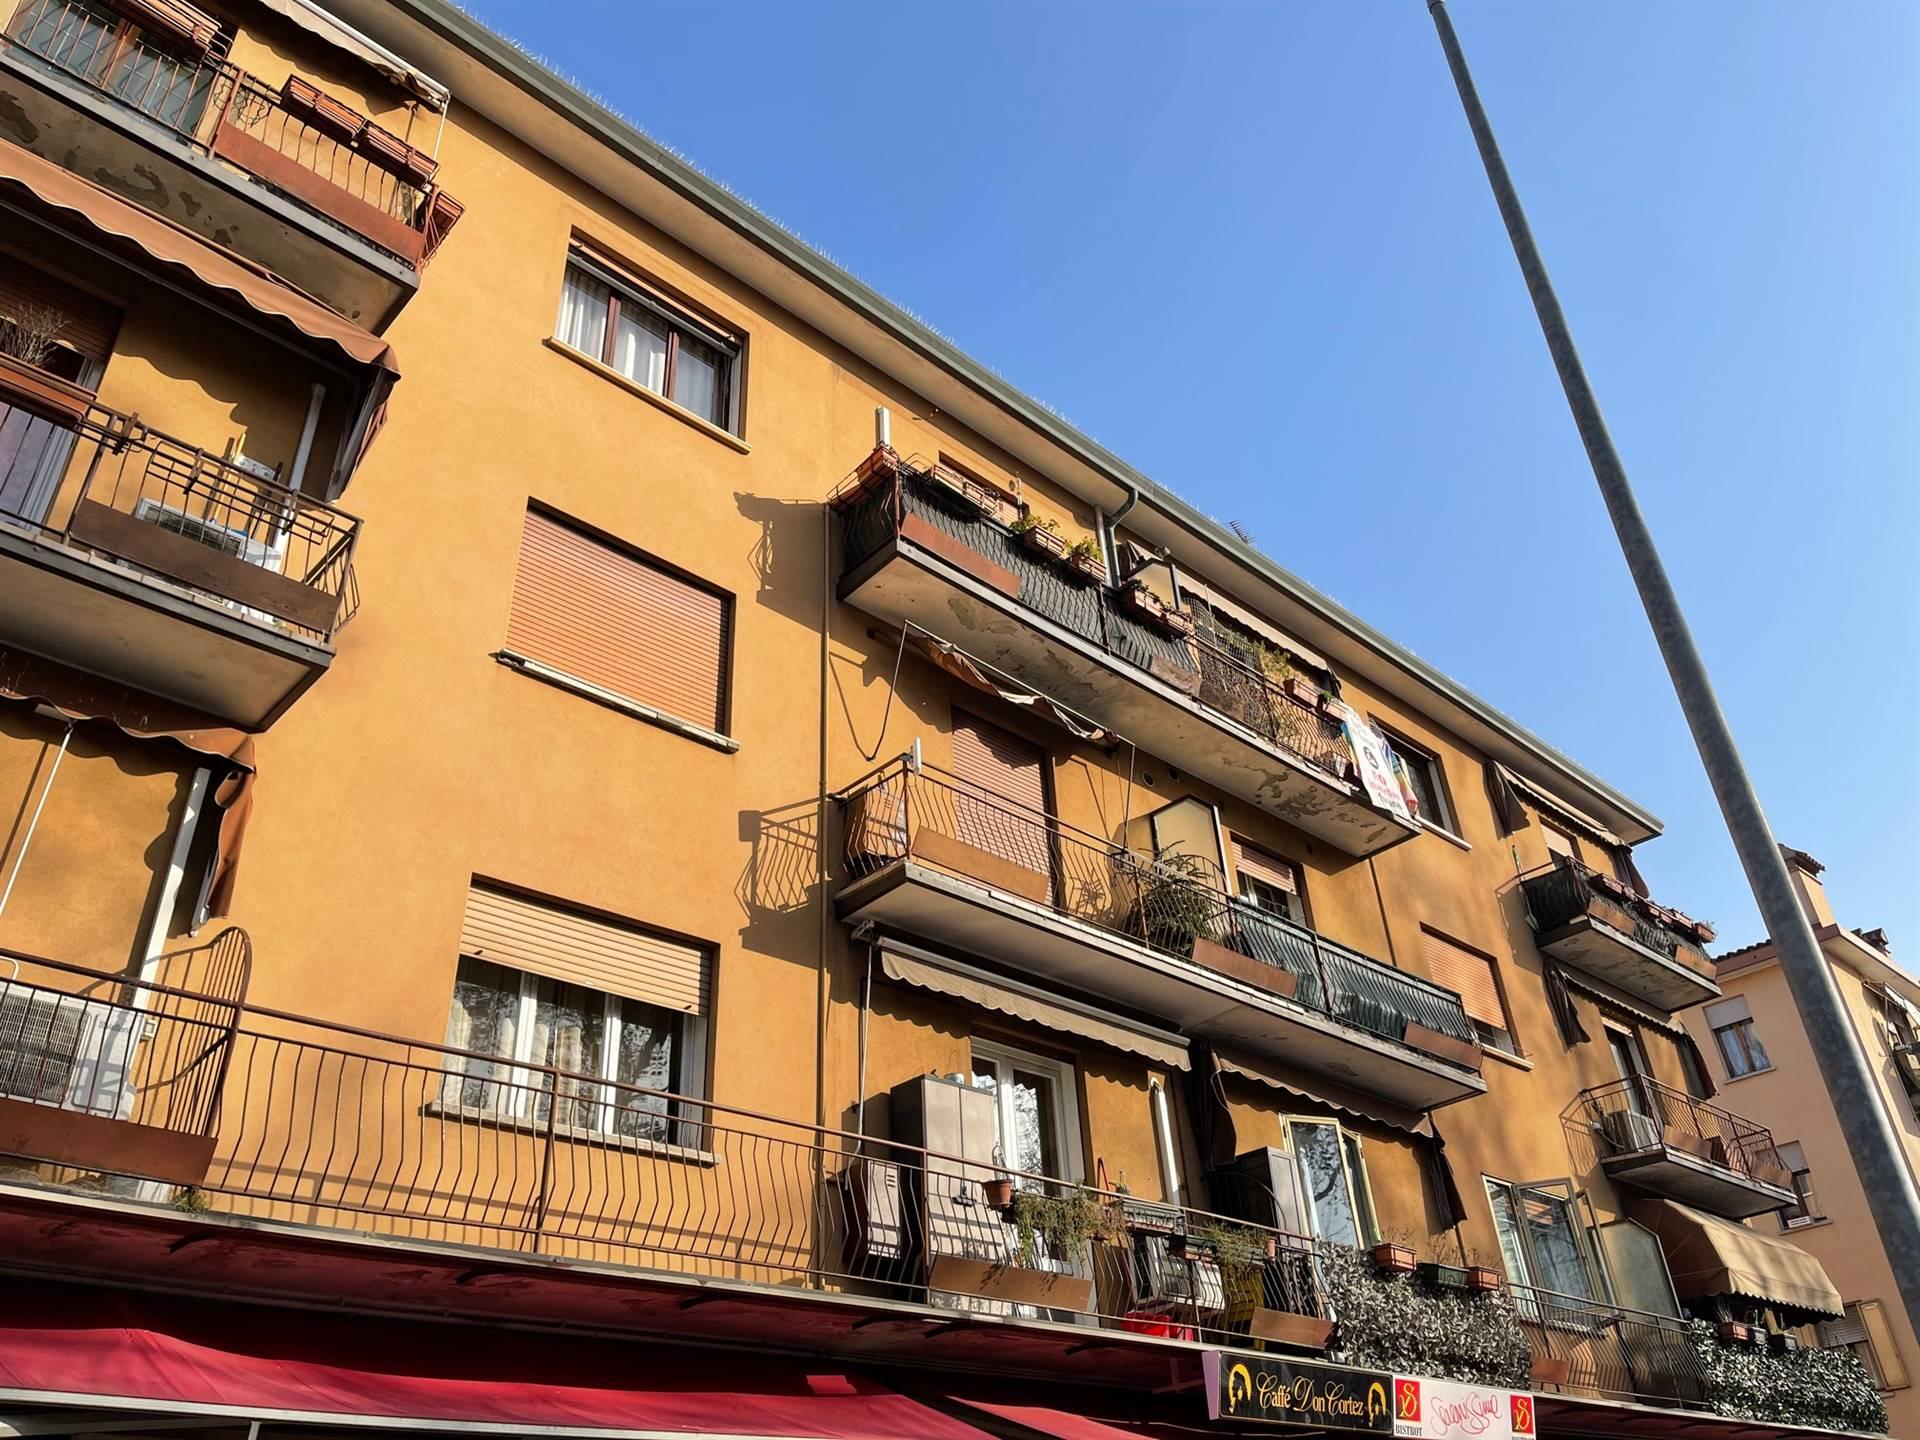 appartamento Mestre vendita arredato restaurato